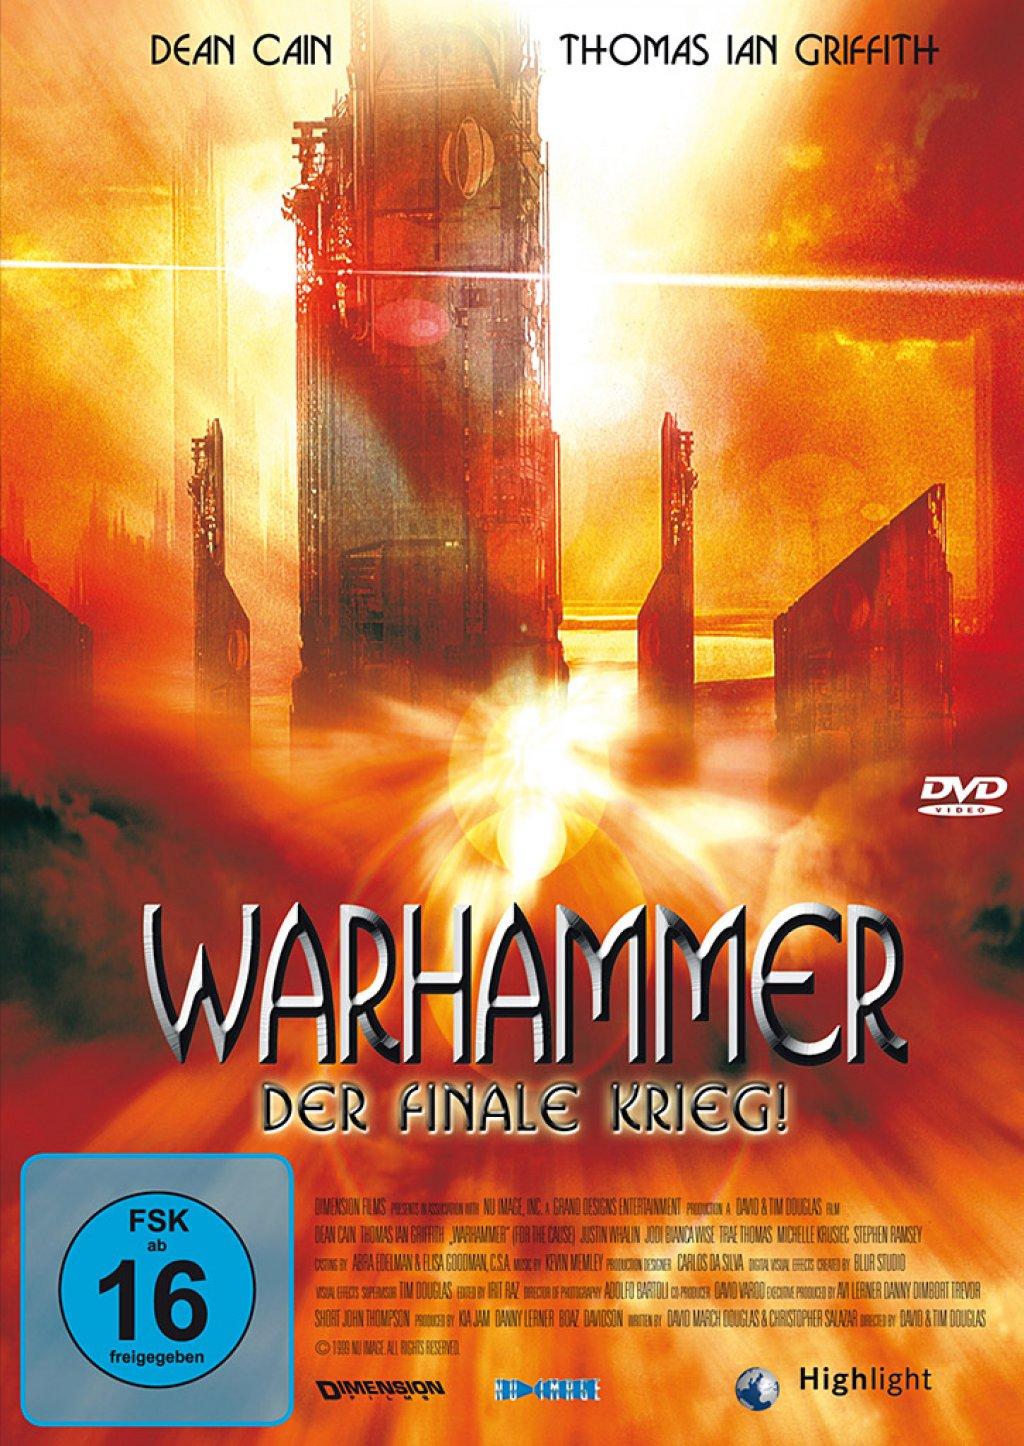 Warhammer - Der finale Krieg! (DVD)